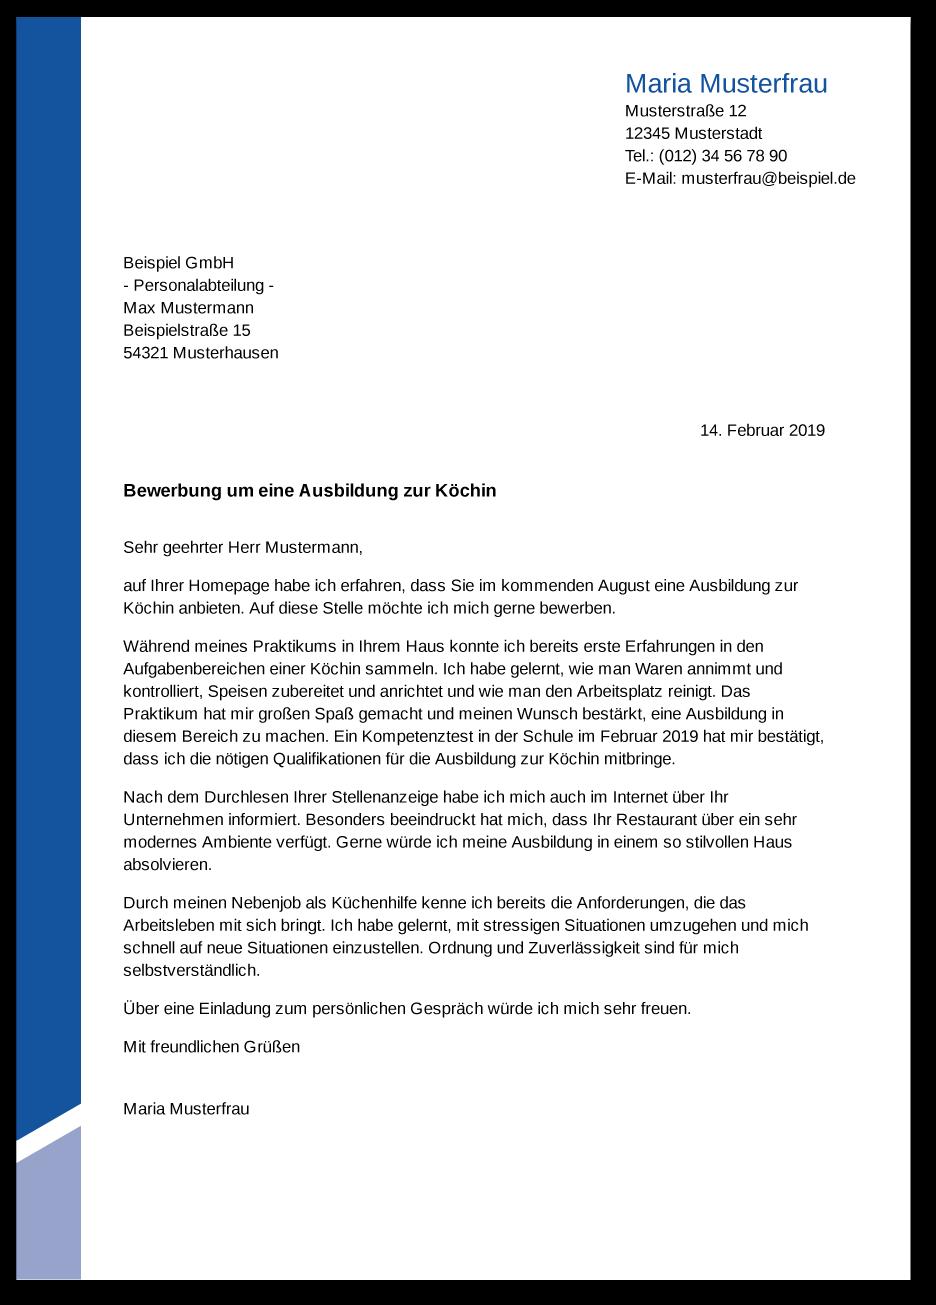 Die Bewerbung Zur Ausbildung Koch Kochin Ausbildungspark Verlag